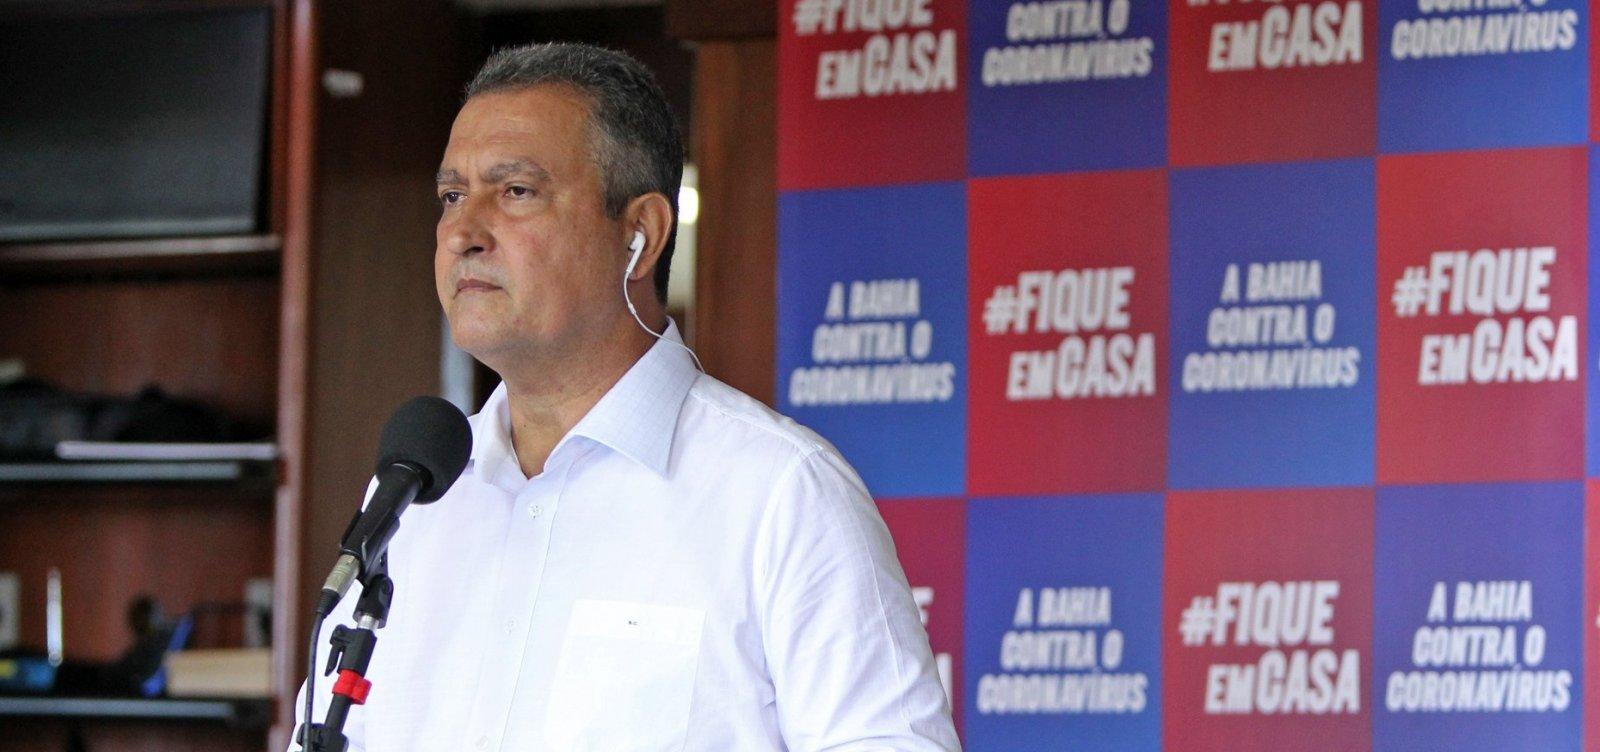 [Rui rebate pressão de Bolsonaro pela cloroquina: 'Na Bahia, quem passa receita não são os políticos']